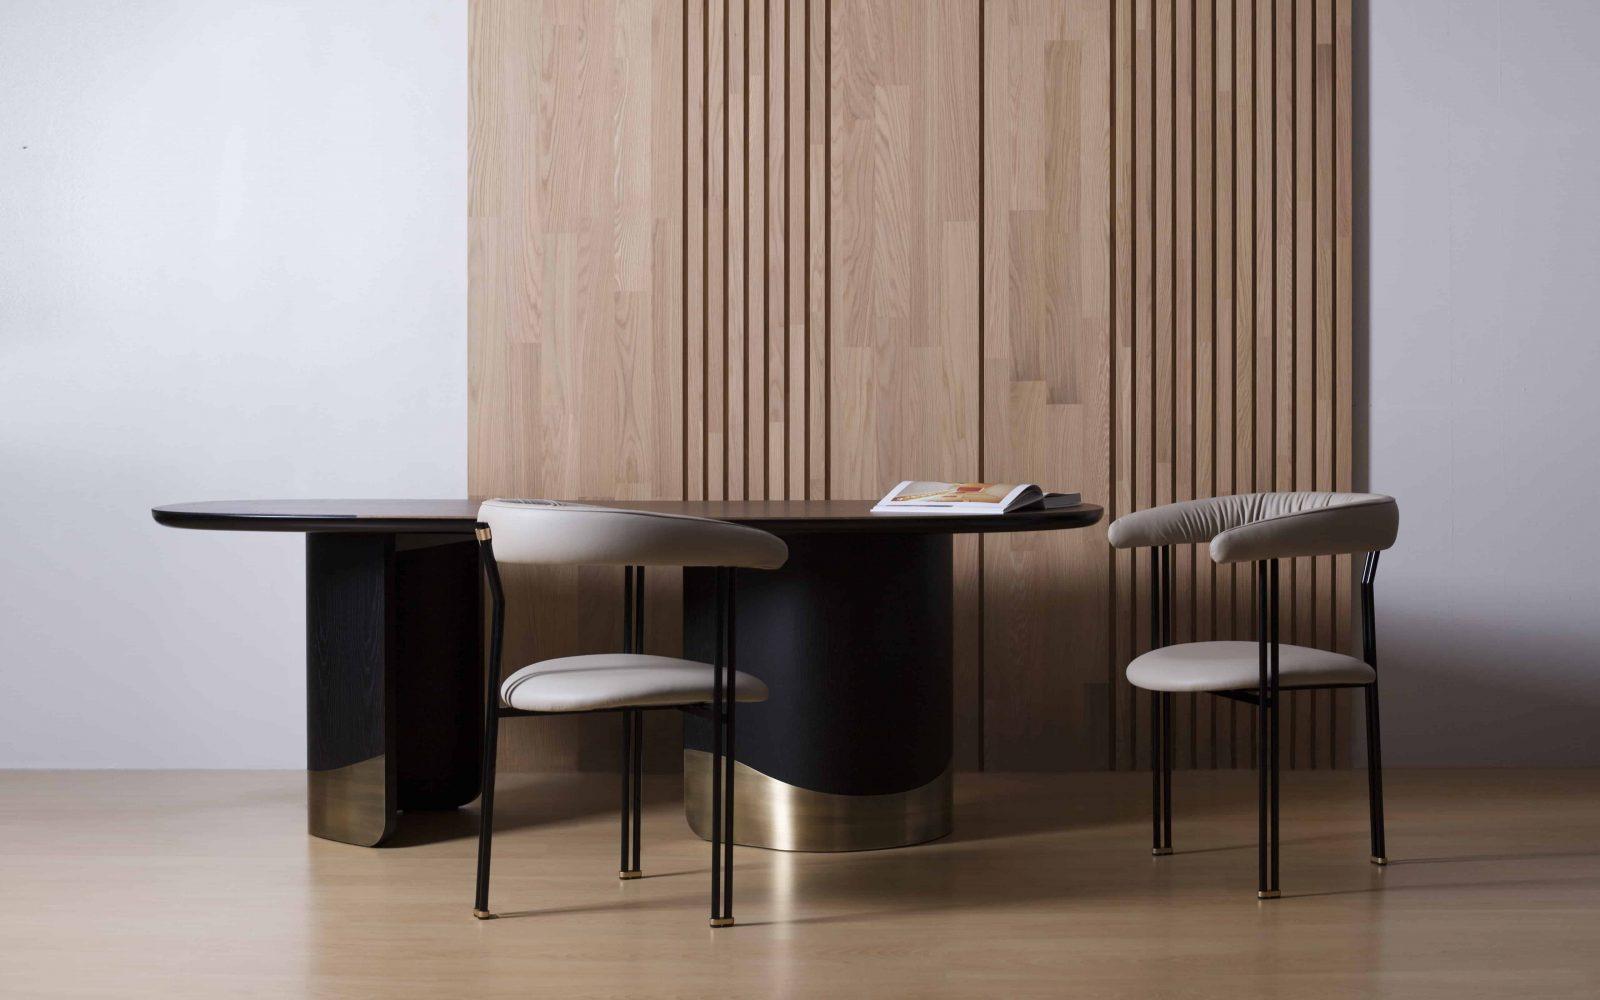 Maia-G703312-Chair-08